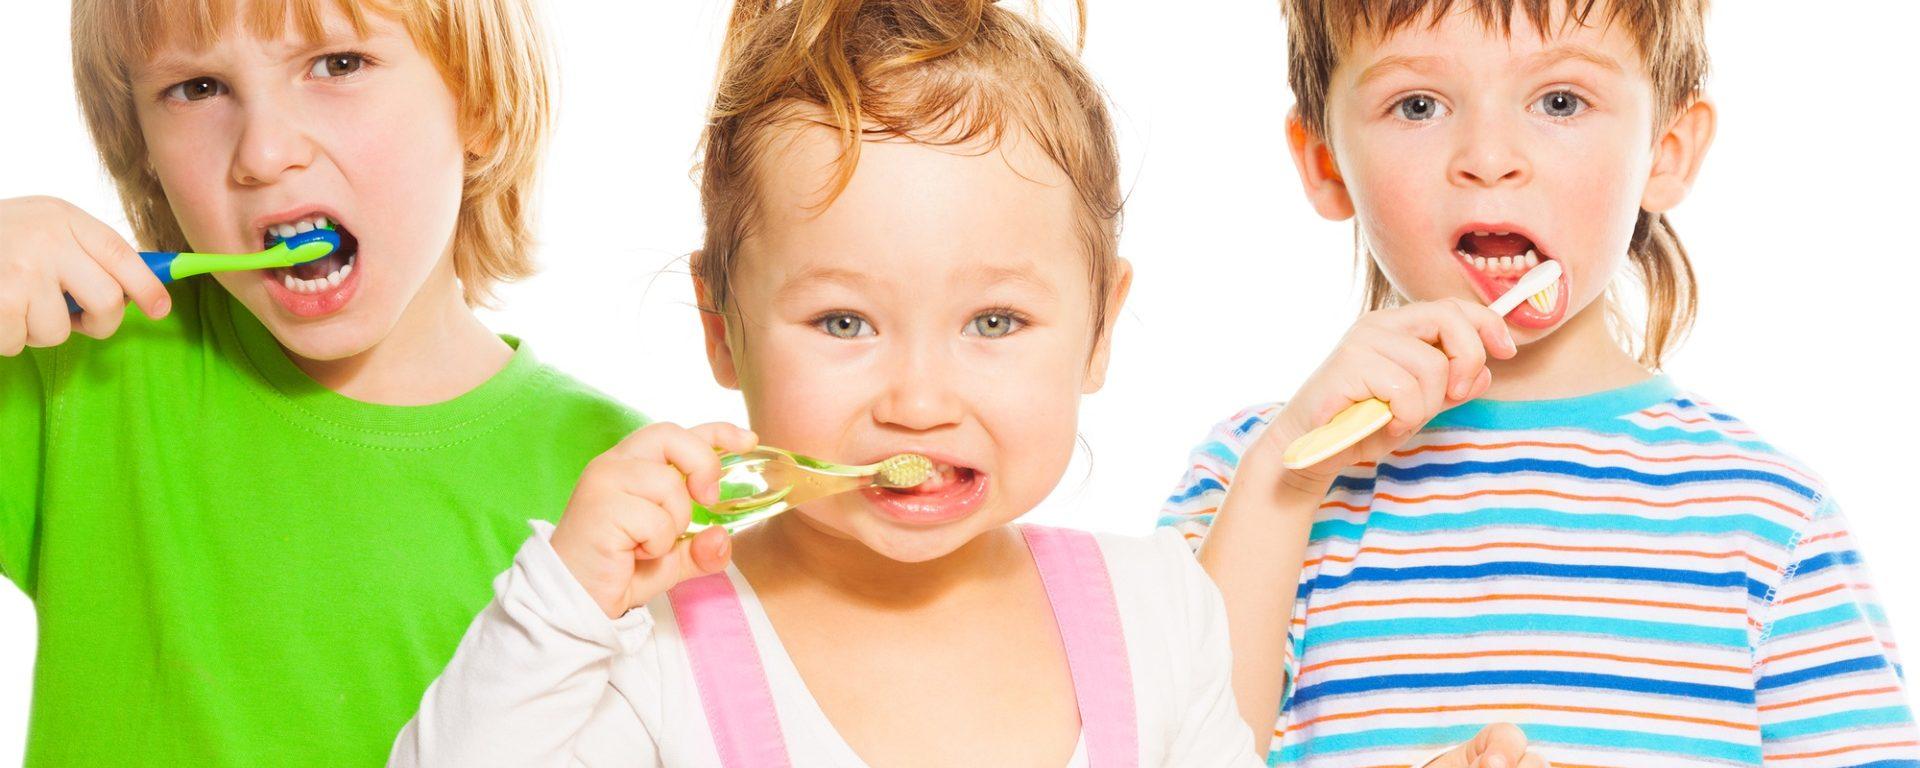 Hygieneverhalten für Kinder spielendleicht gemacht